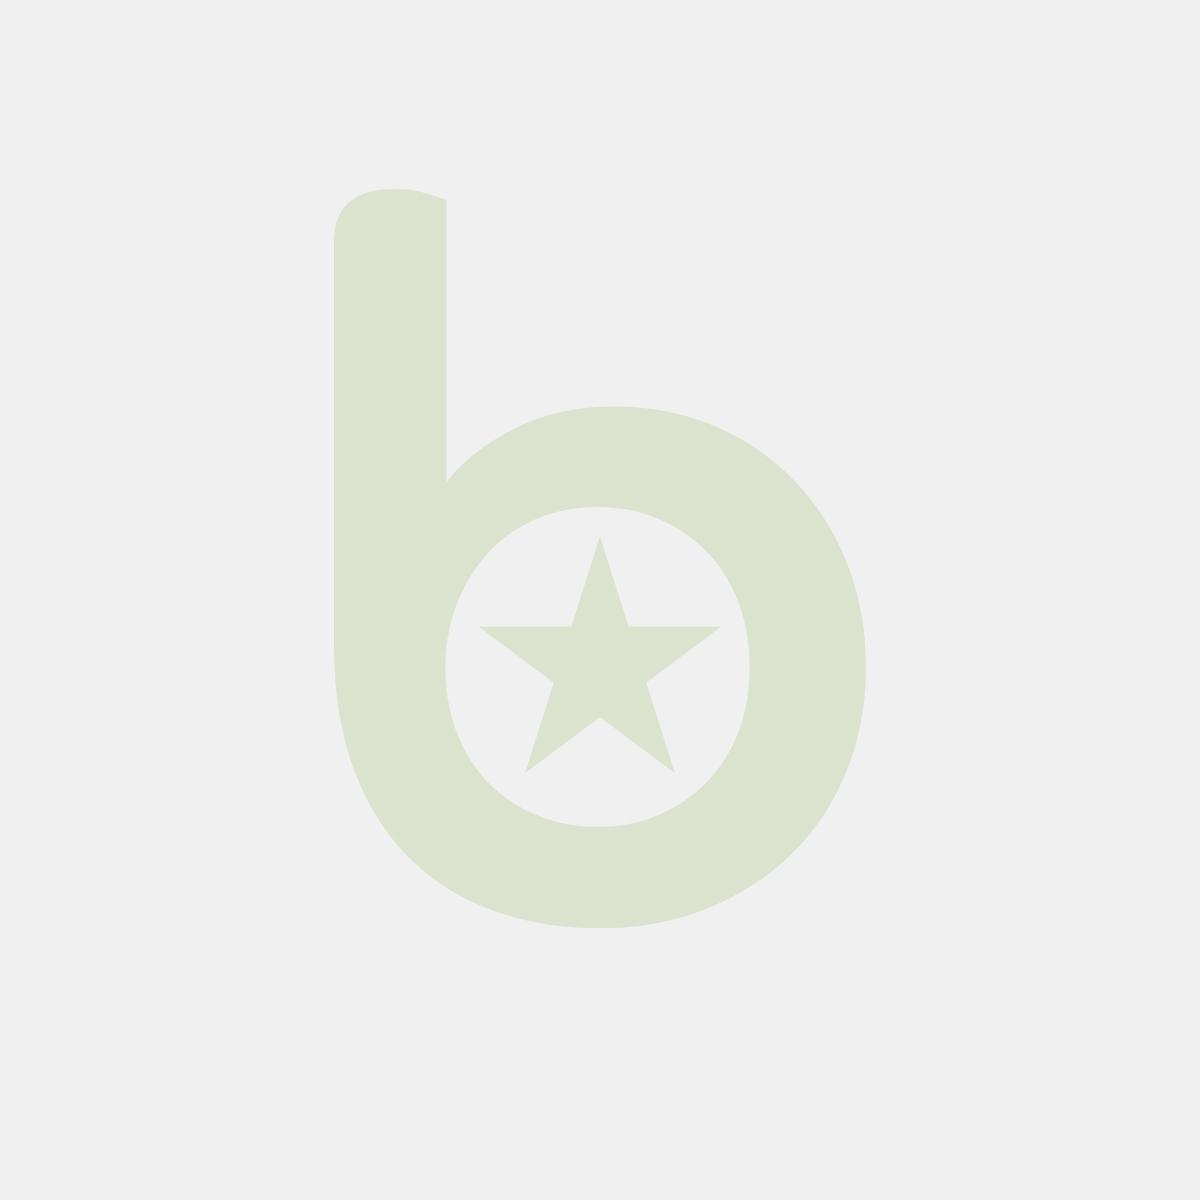 Garnek Średni - Z Pokrywką Budget Line 32 L; Śr. 400 X 260 H